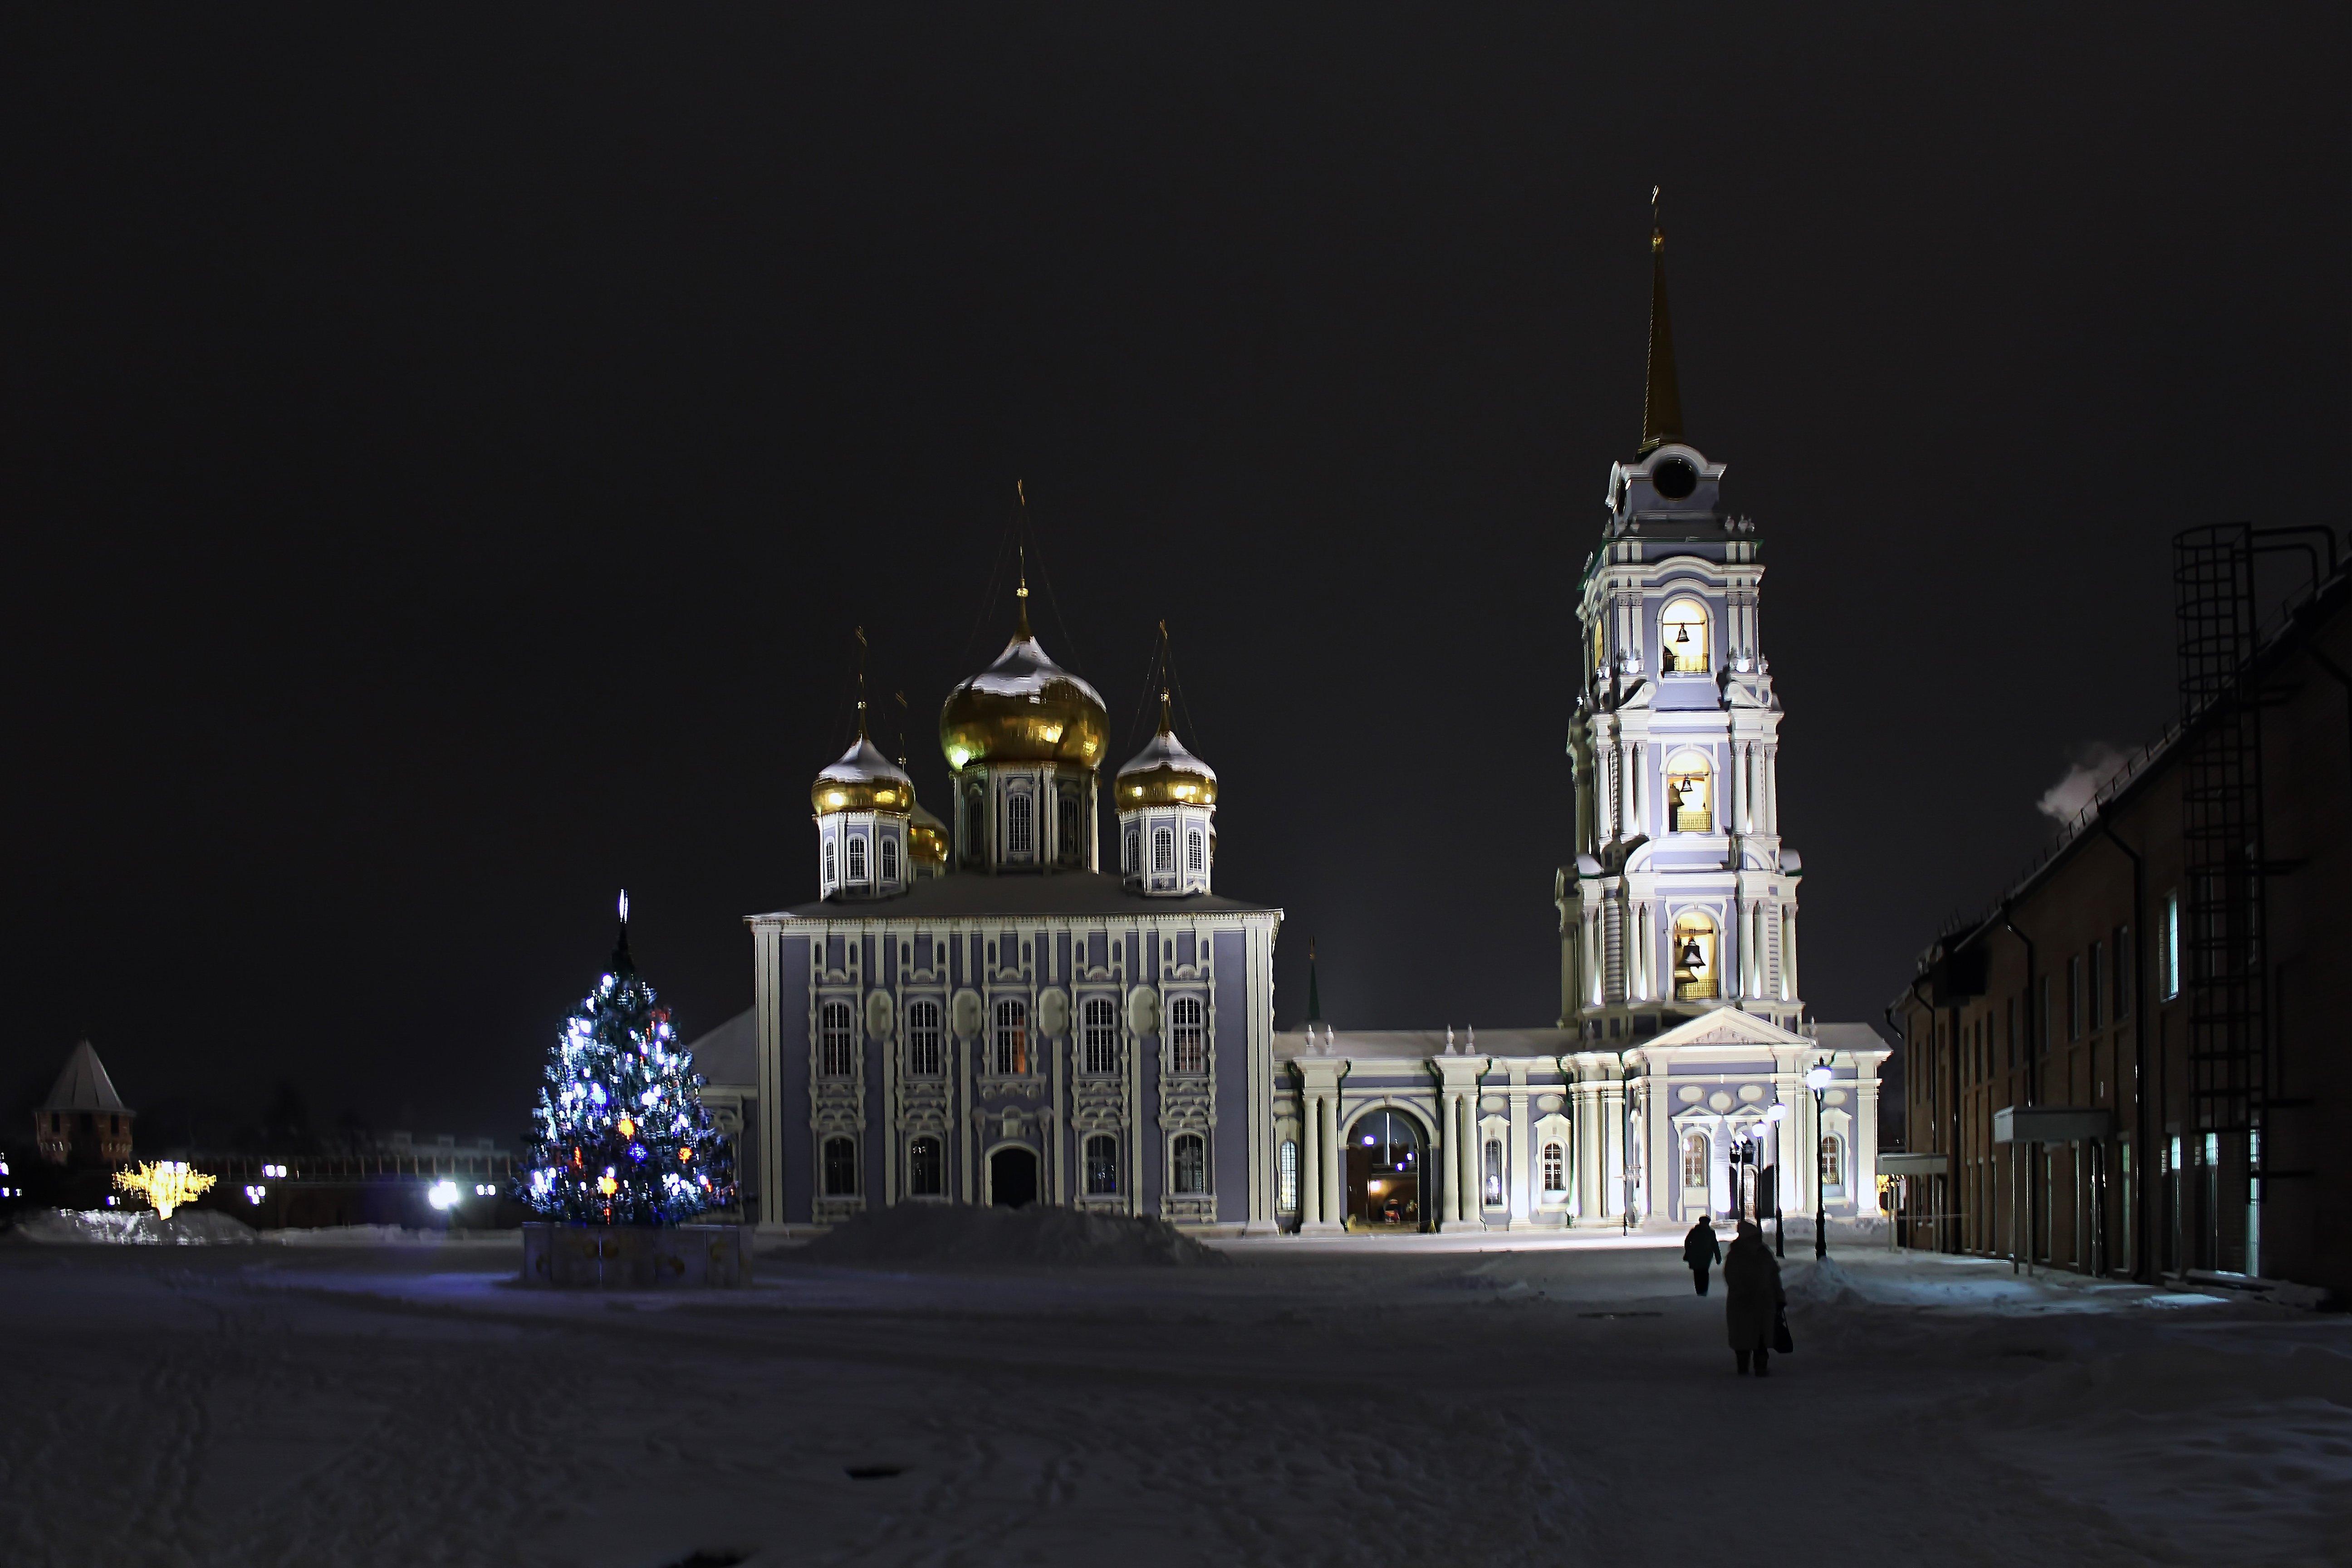 время недорогие города россии фотоклубы тоже смогли развить